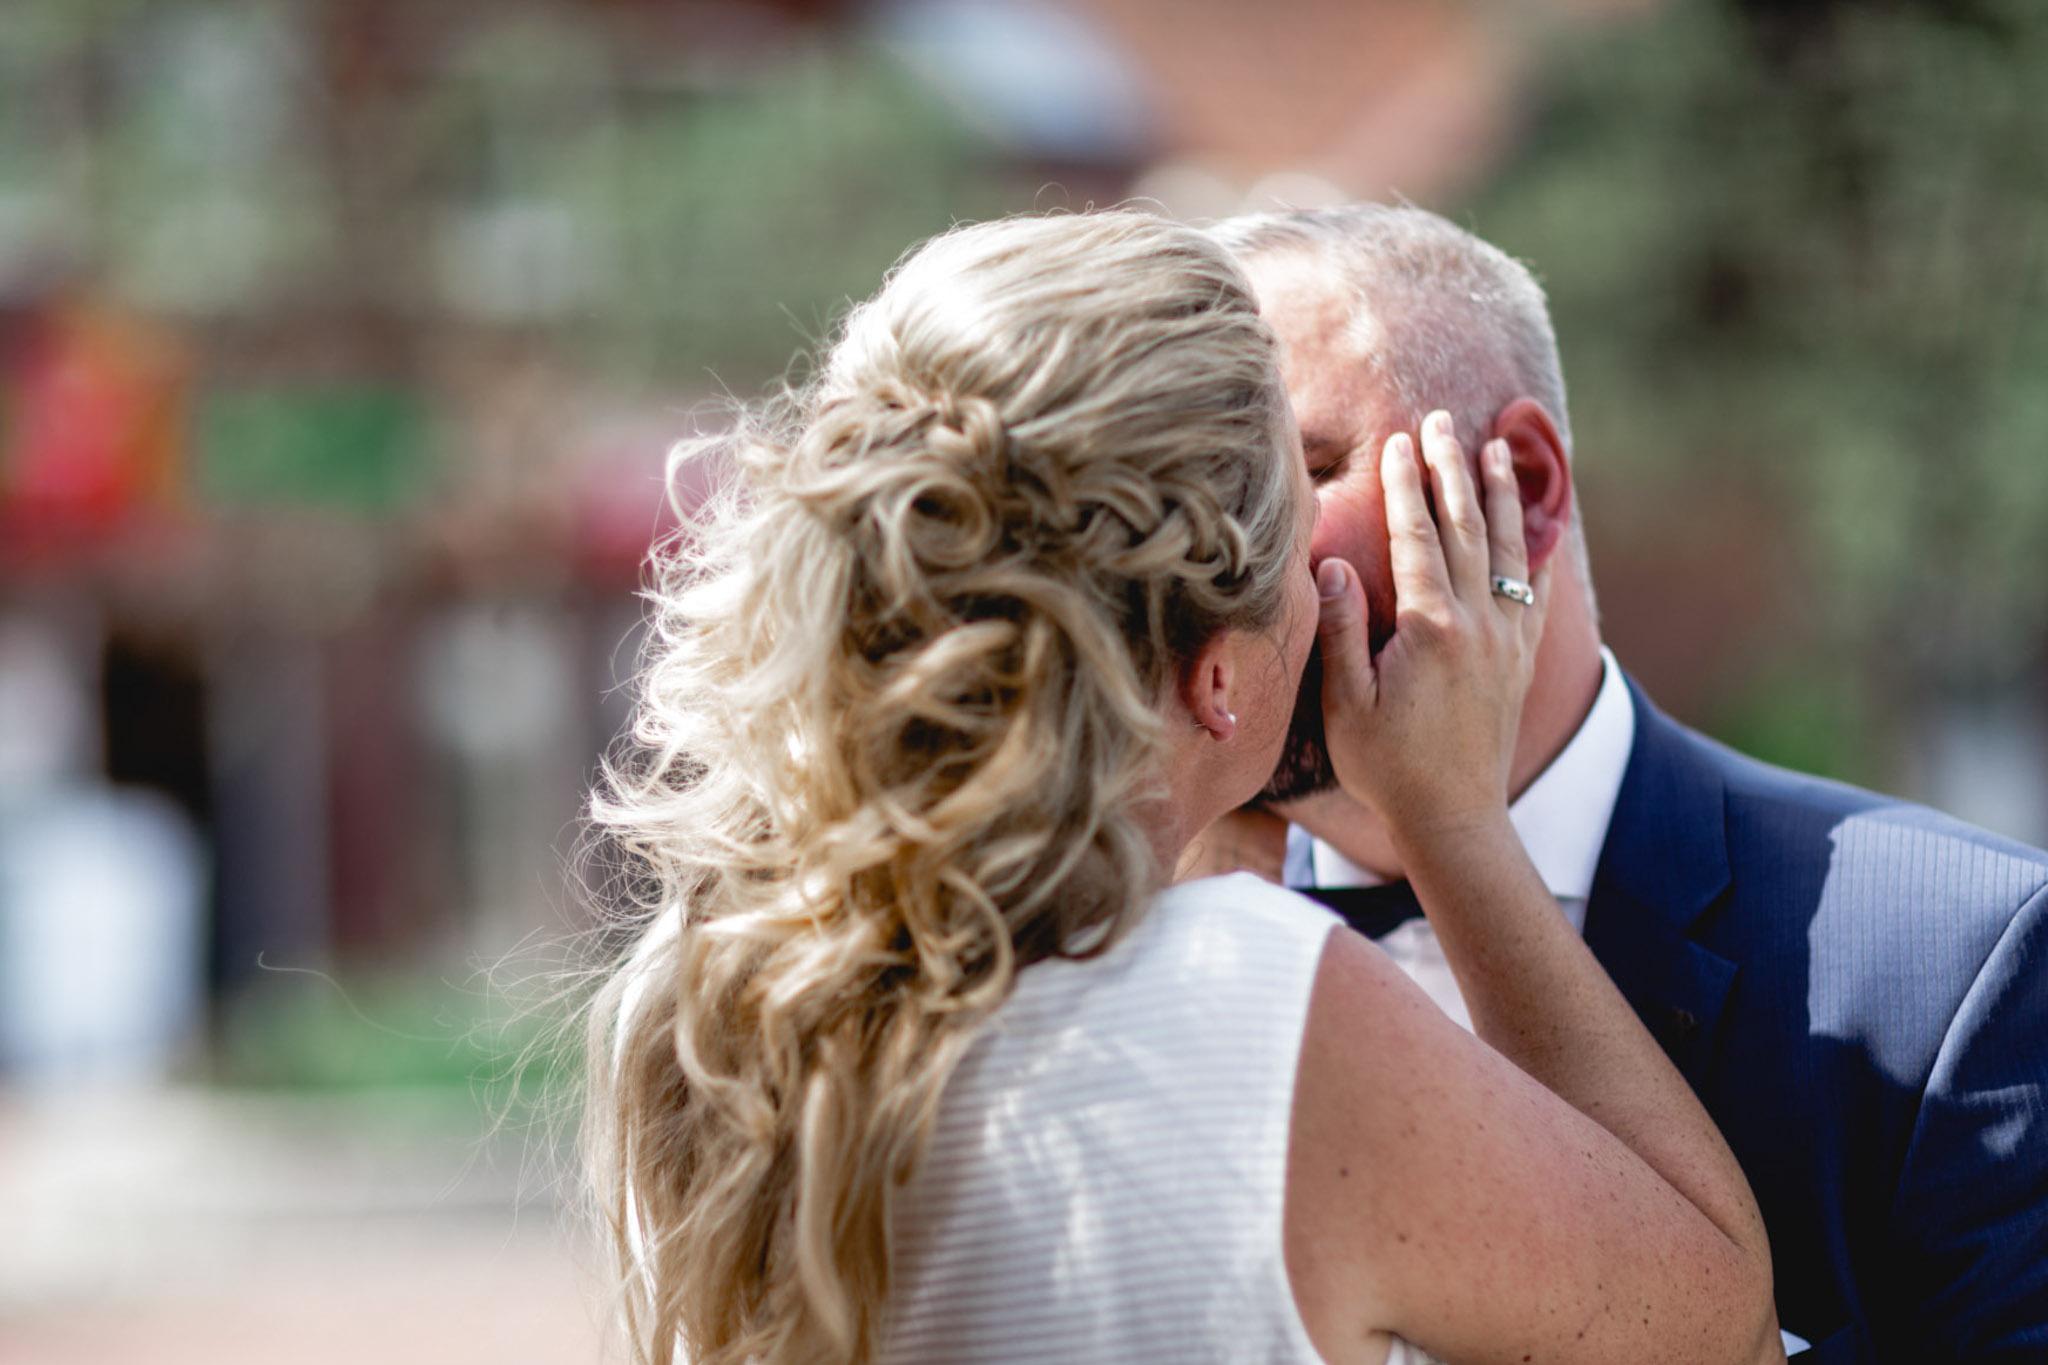 Hochzeitskuss vor der Kapelle